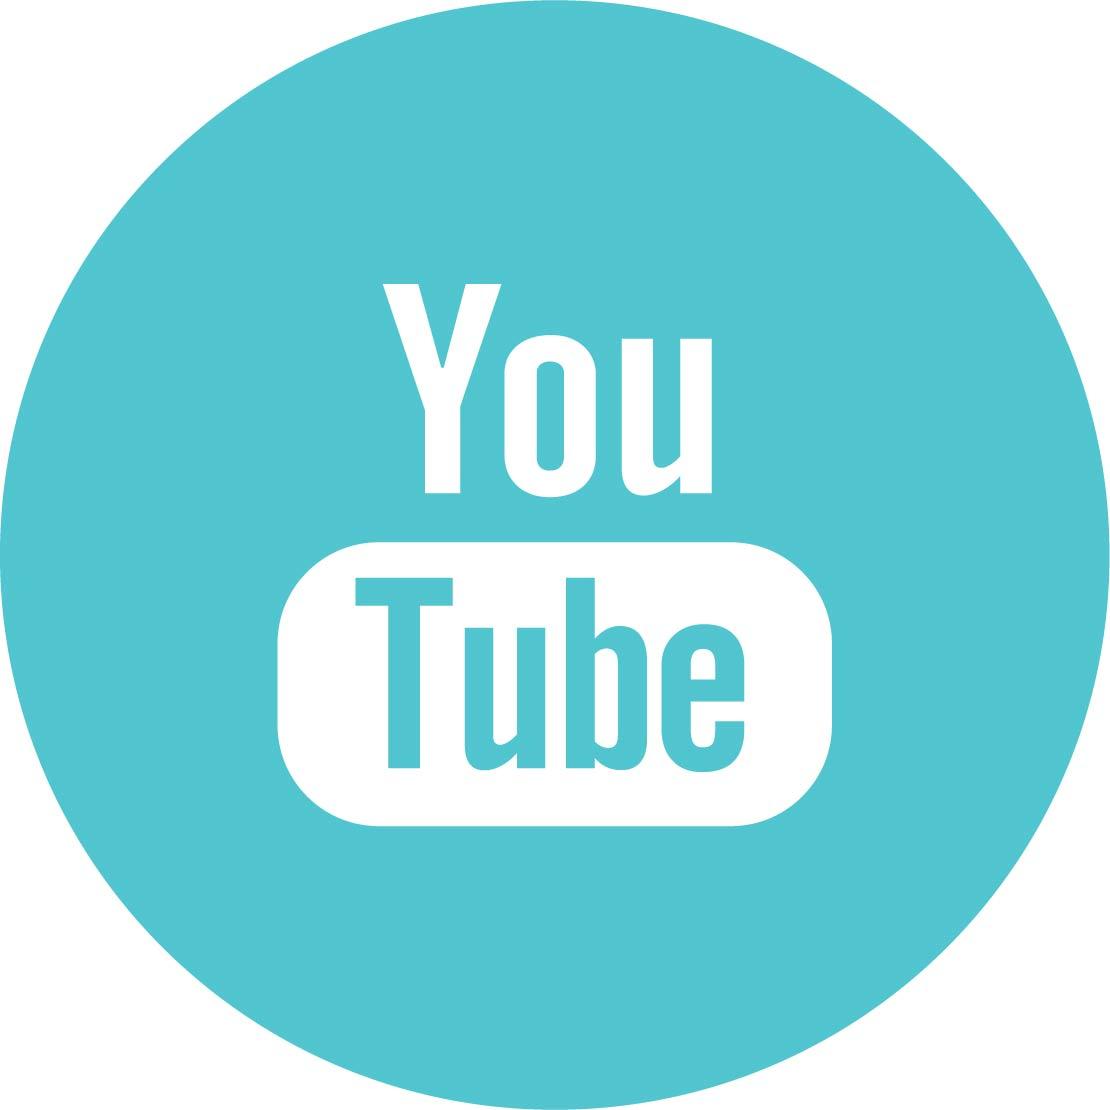 YouTubeIcon.jpg